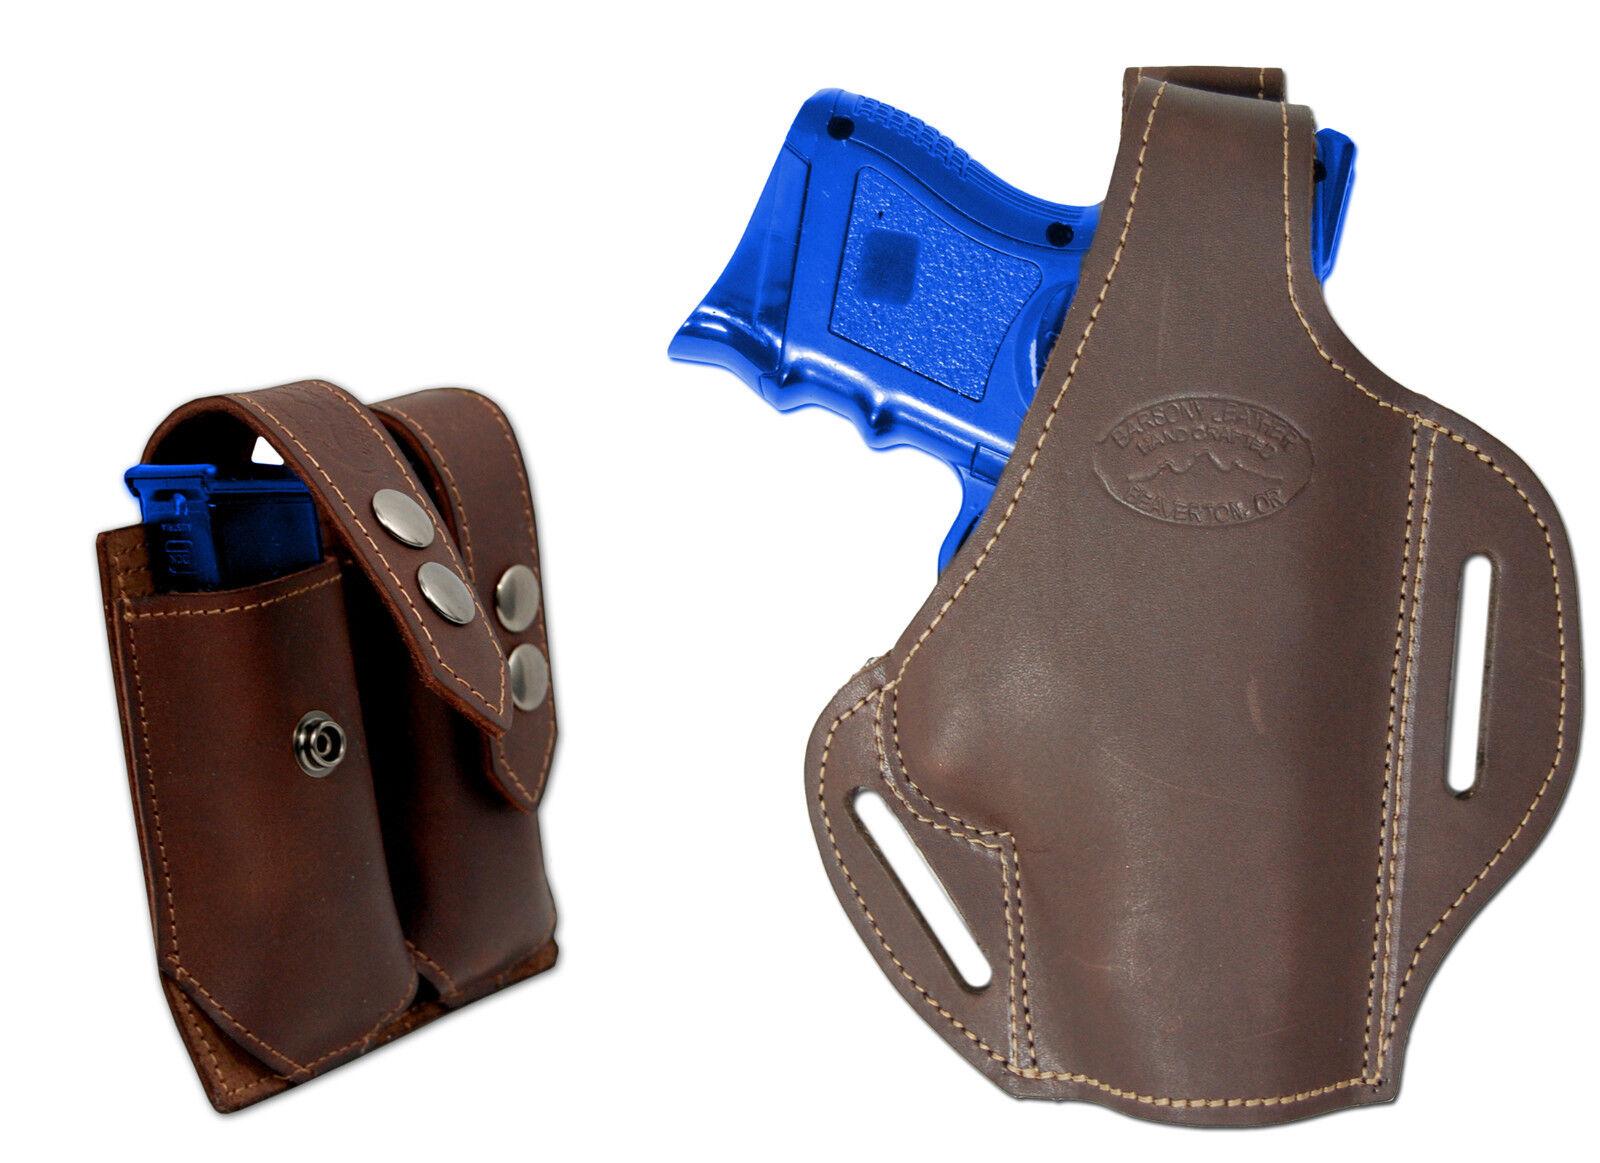 New Braun Leder Pancake Gun Holster + Dbl Mag Pouch Sig-Sauer Compact 9mm 40